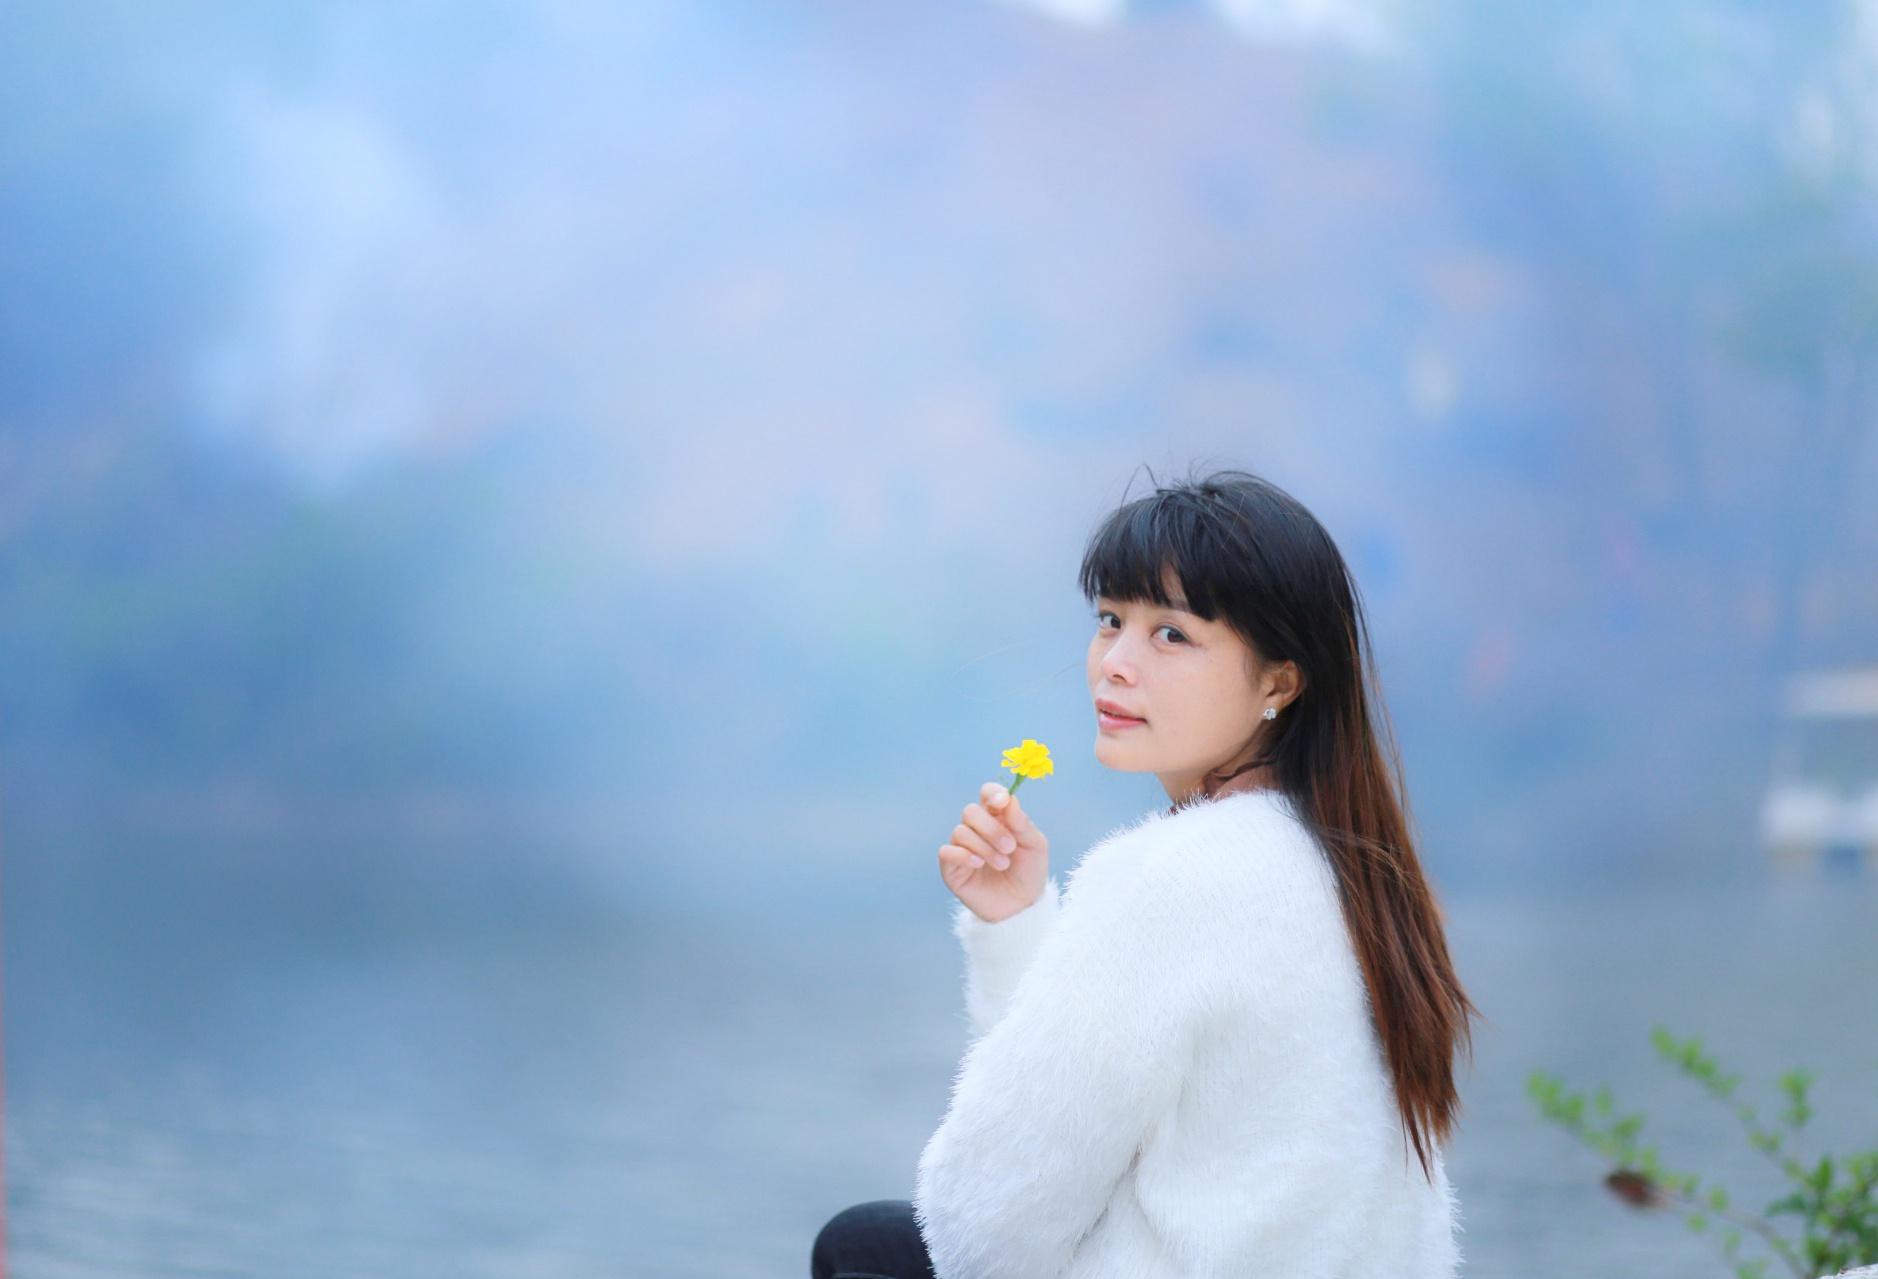 廖利宏 《春的约定》 Canon.jpg